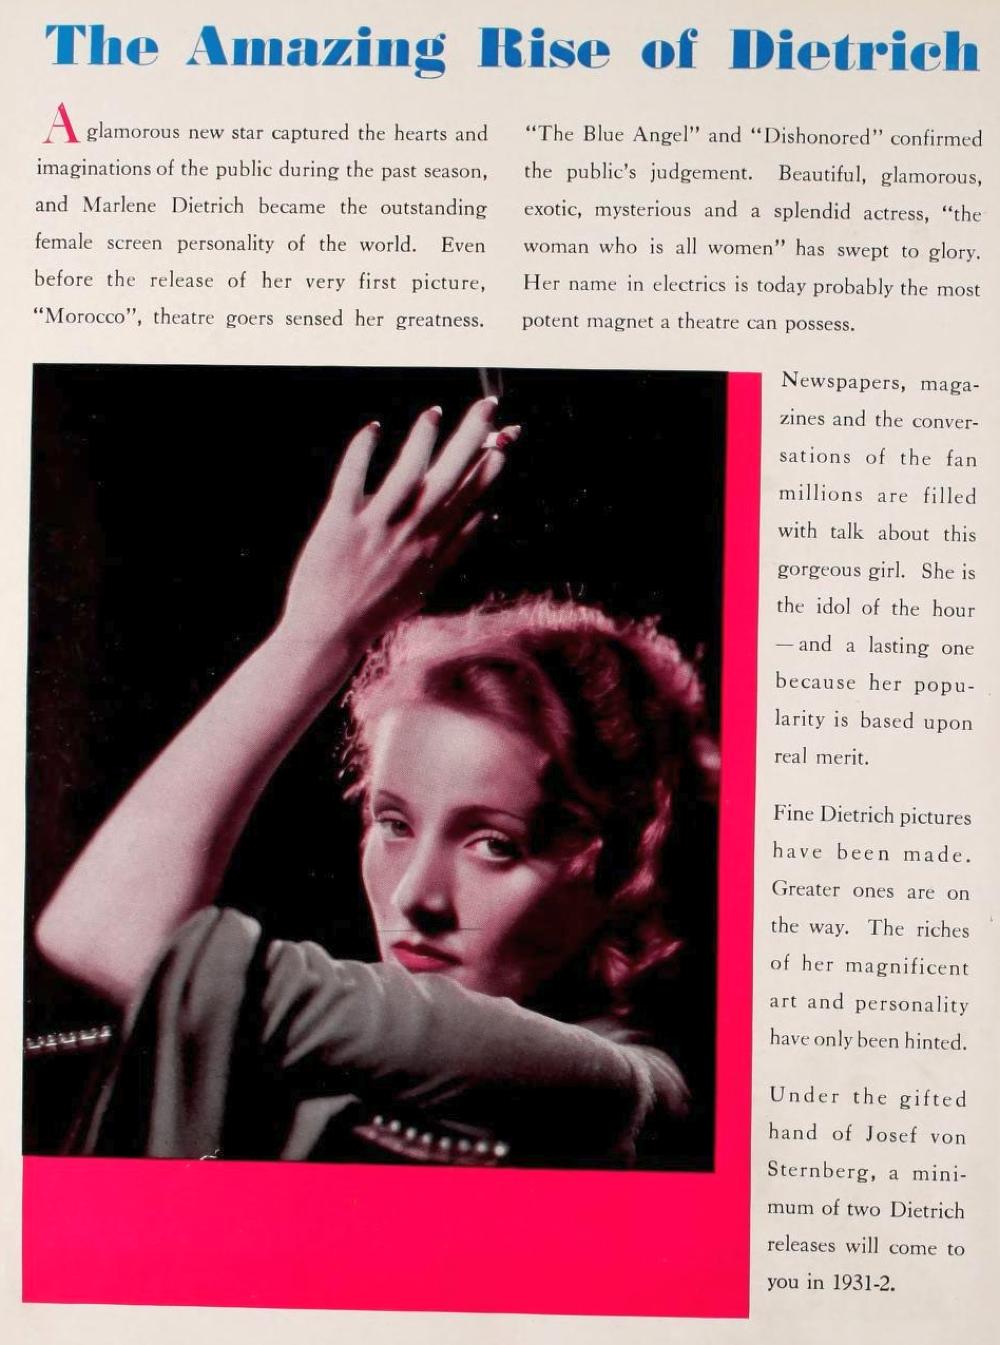 marlene dietrich 1931-32 paramount pressbook 02a